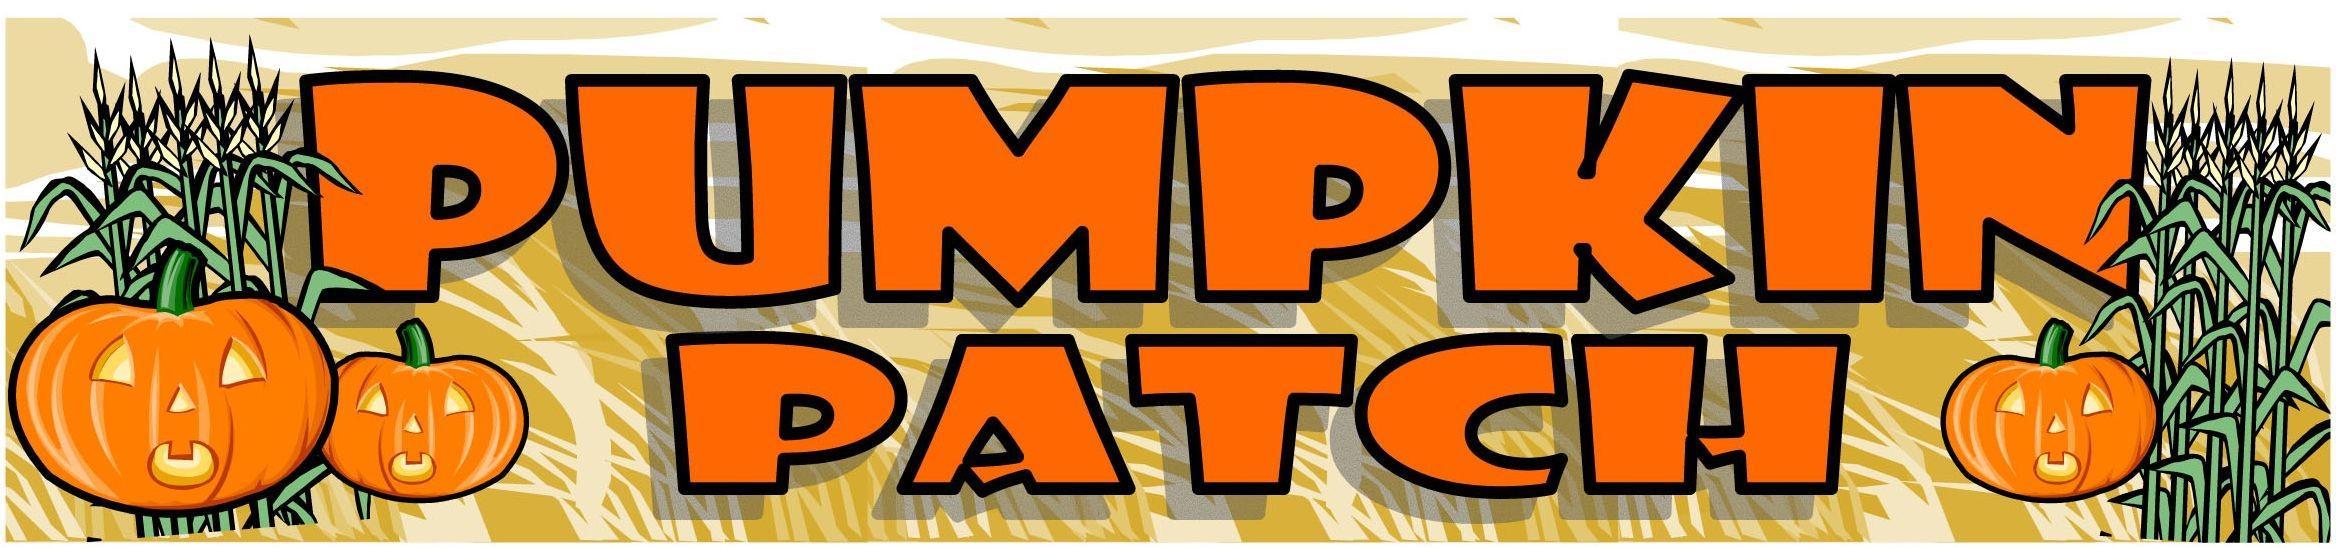 Pumpkin patch clipart tumundografico